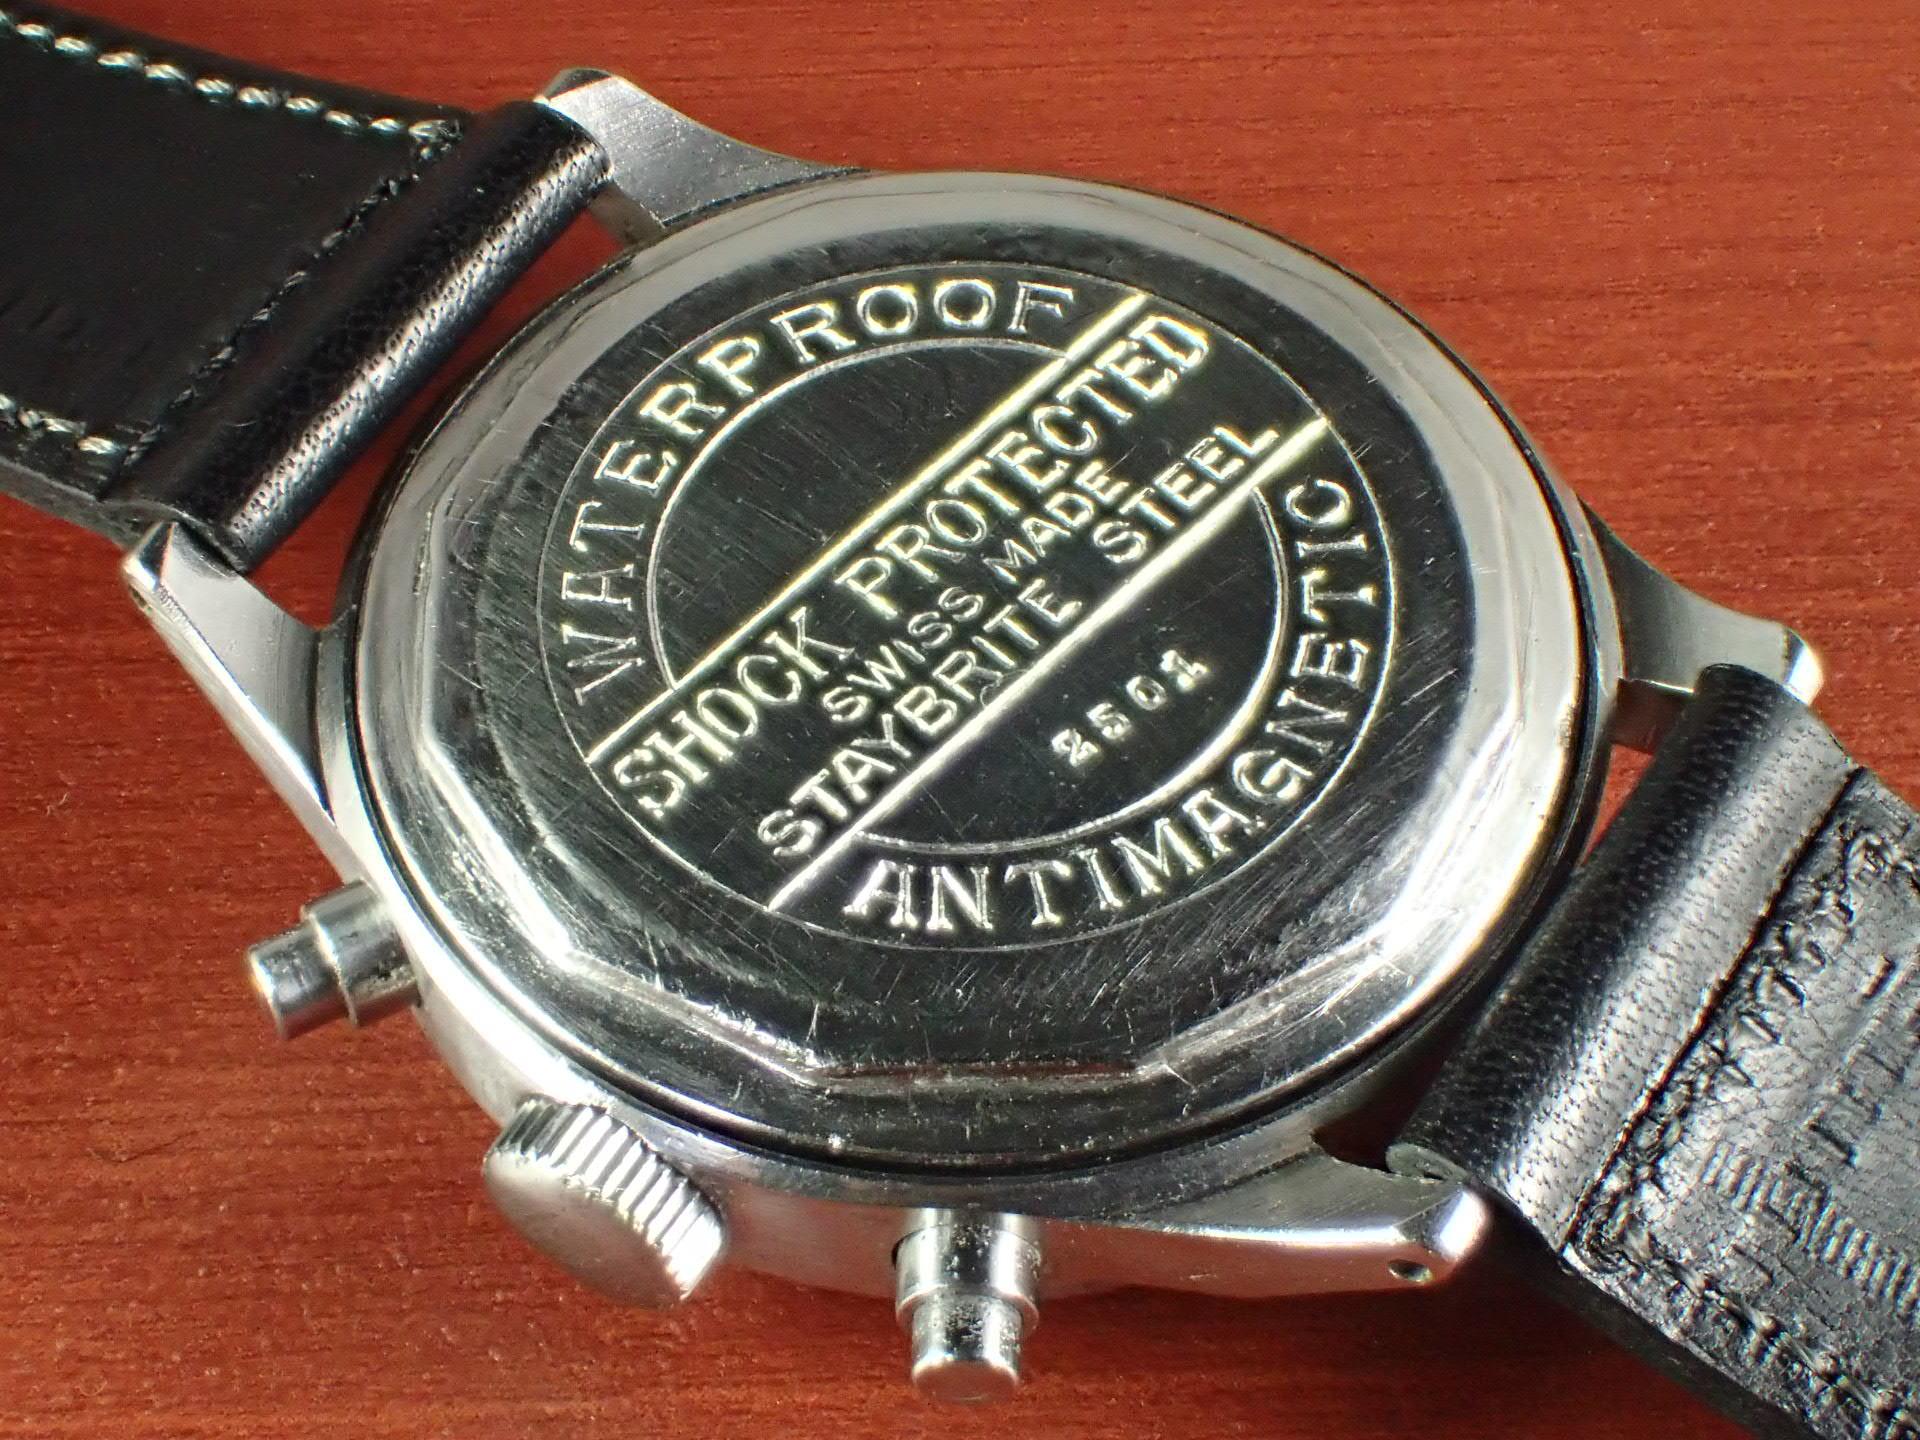 ヒューゲックス Cal.Valjoux22 スピルマンケース インバースプッシャー 1940年代の写真4枚目